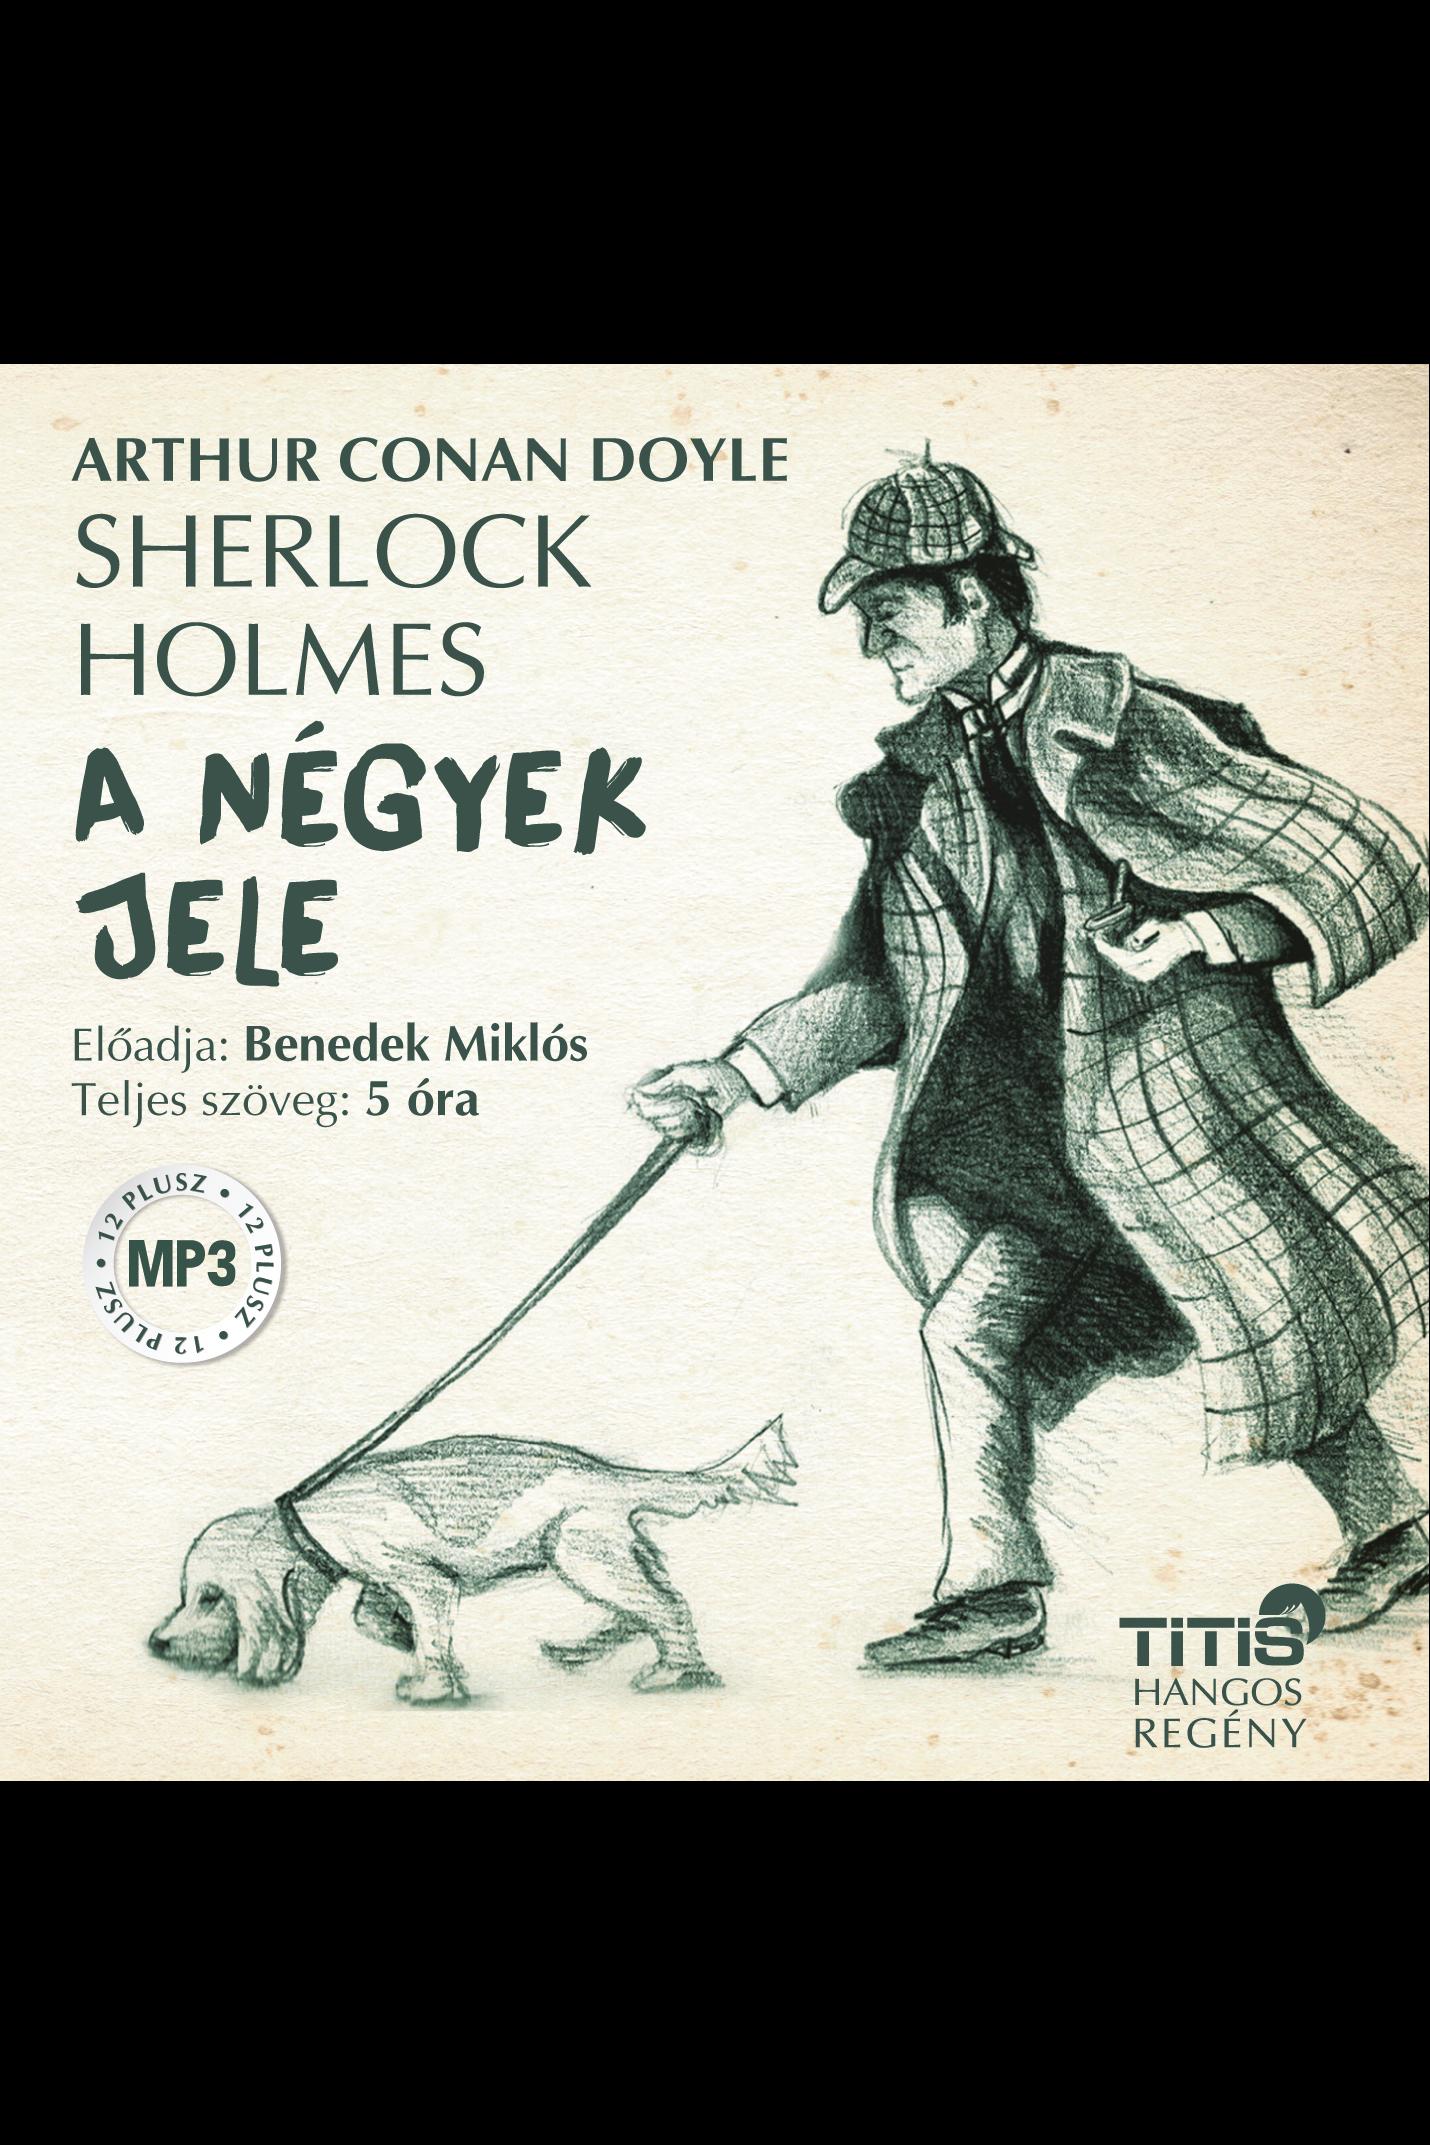 Arthur Conan Doyle: Sherlock Holmes (2. regény) - A négyek jele